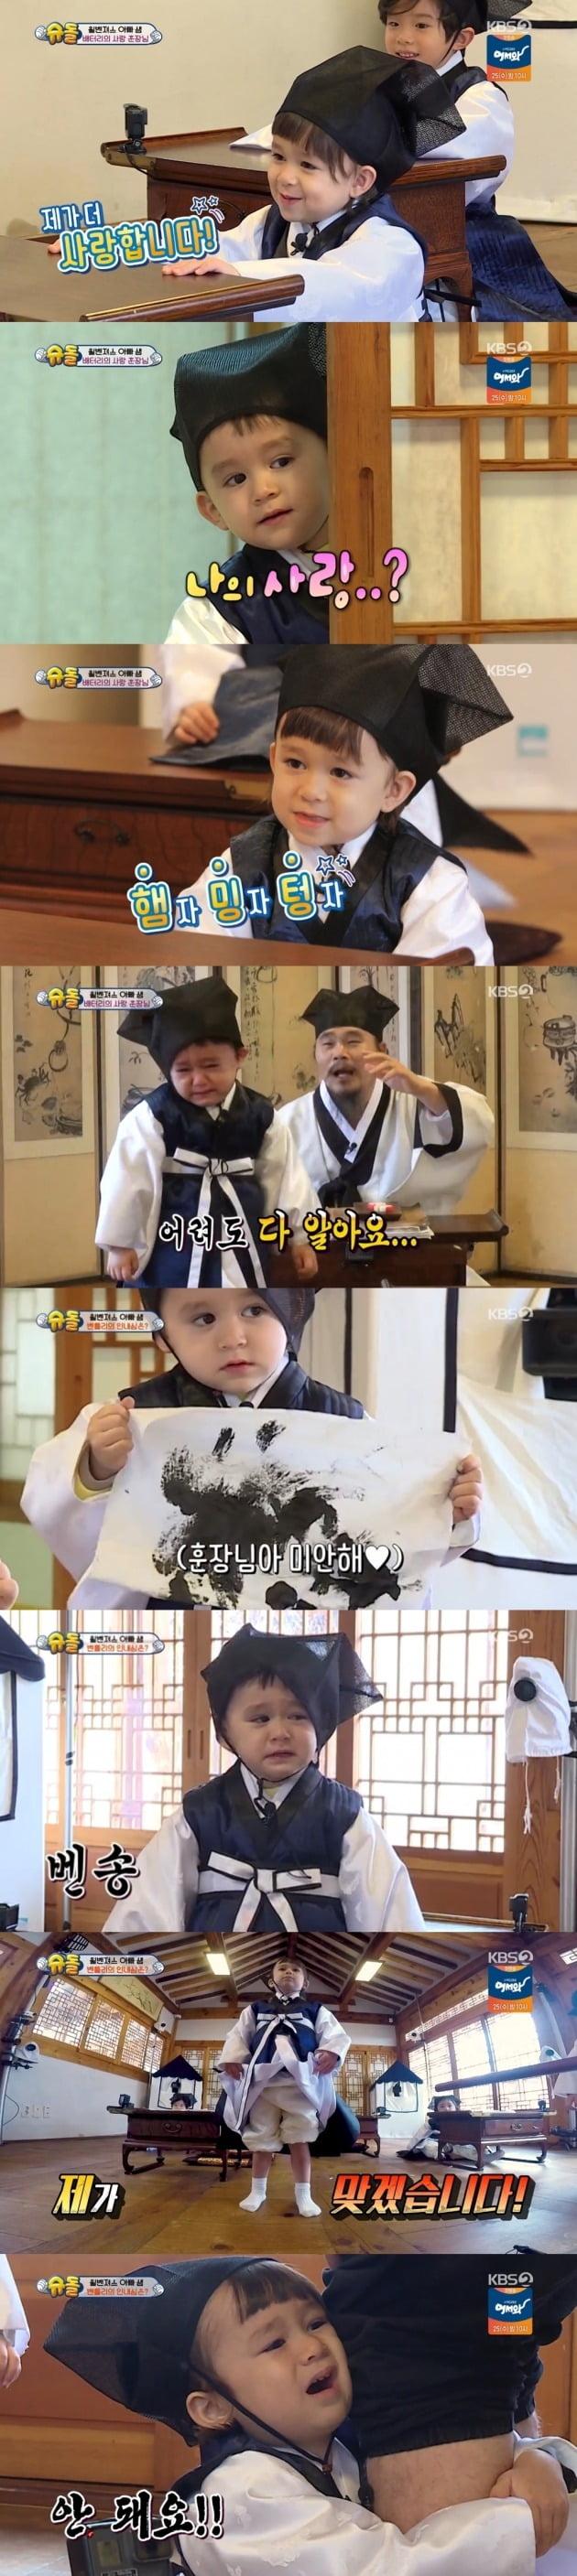 사진=KBS2 '슈퍼맨이 돌아왔다' 방송 화면.